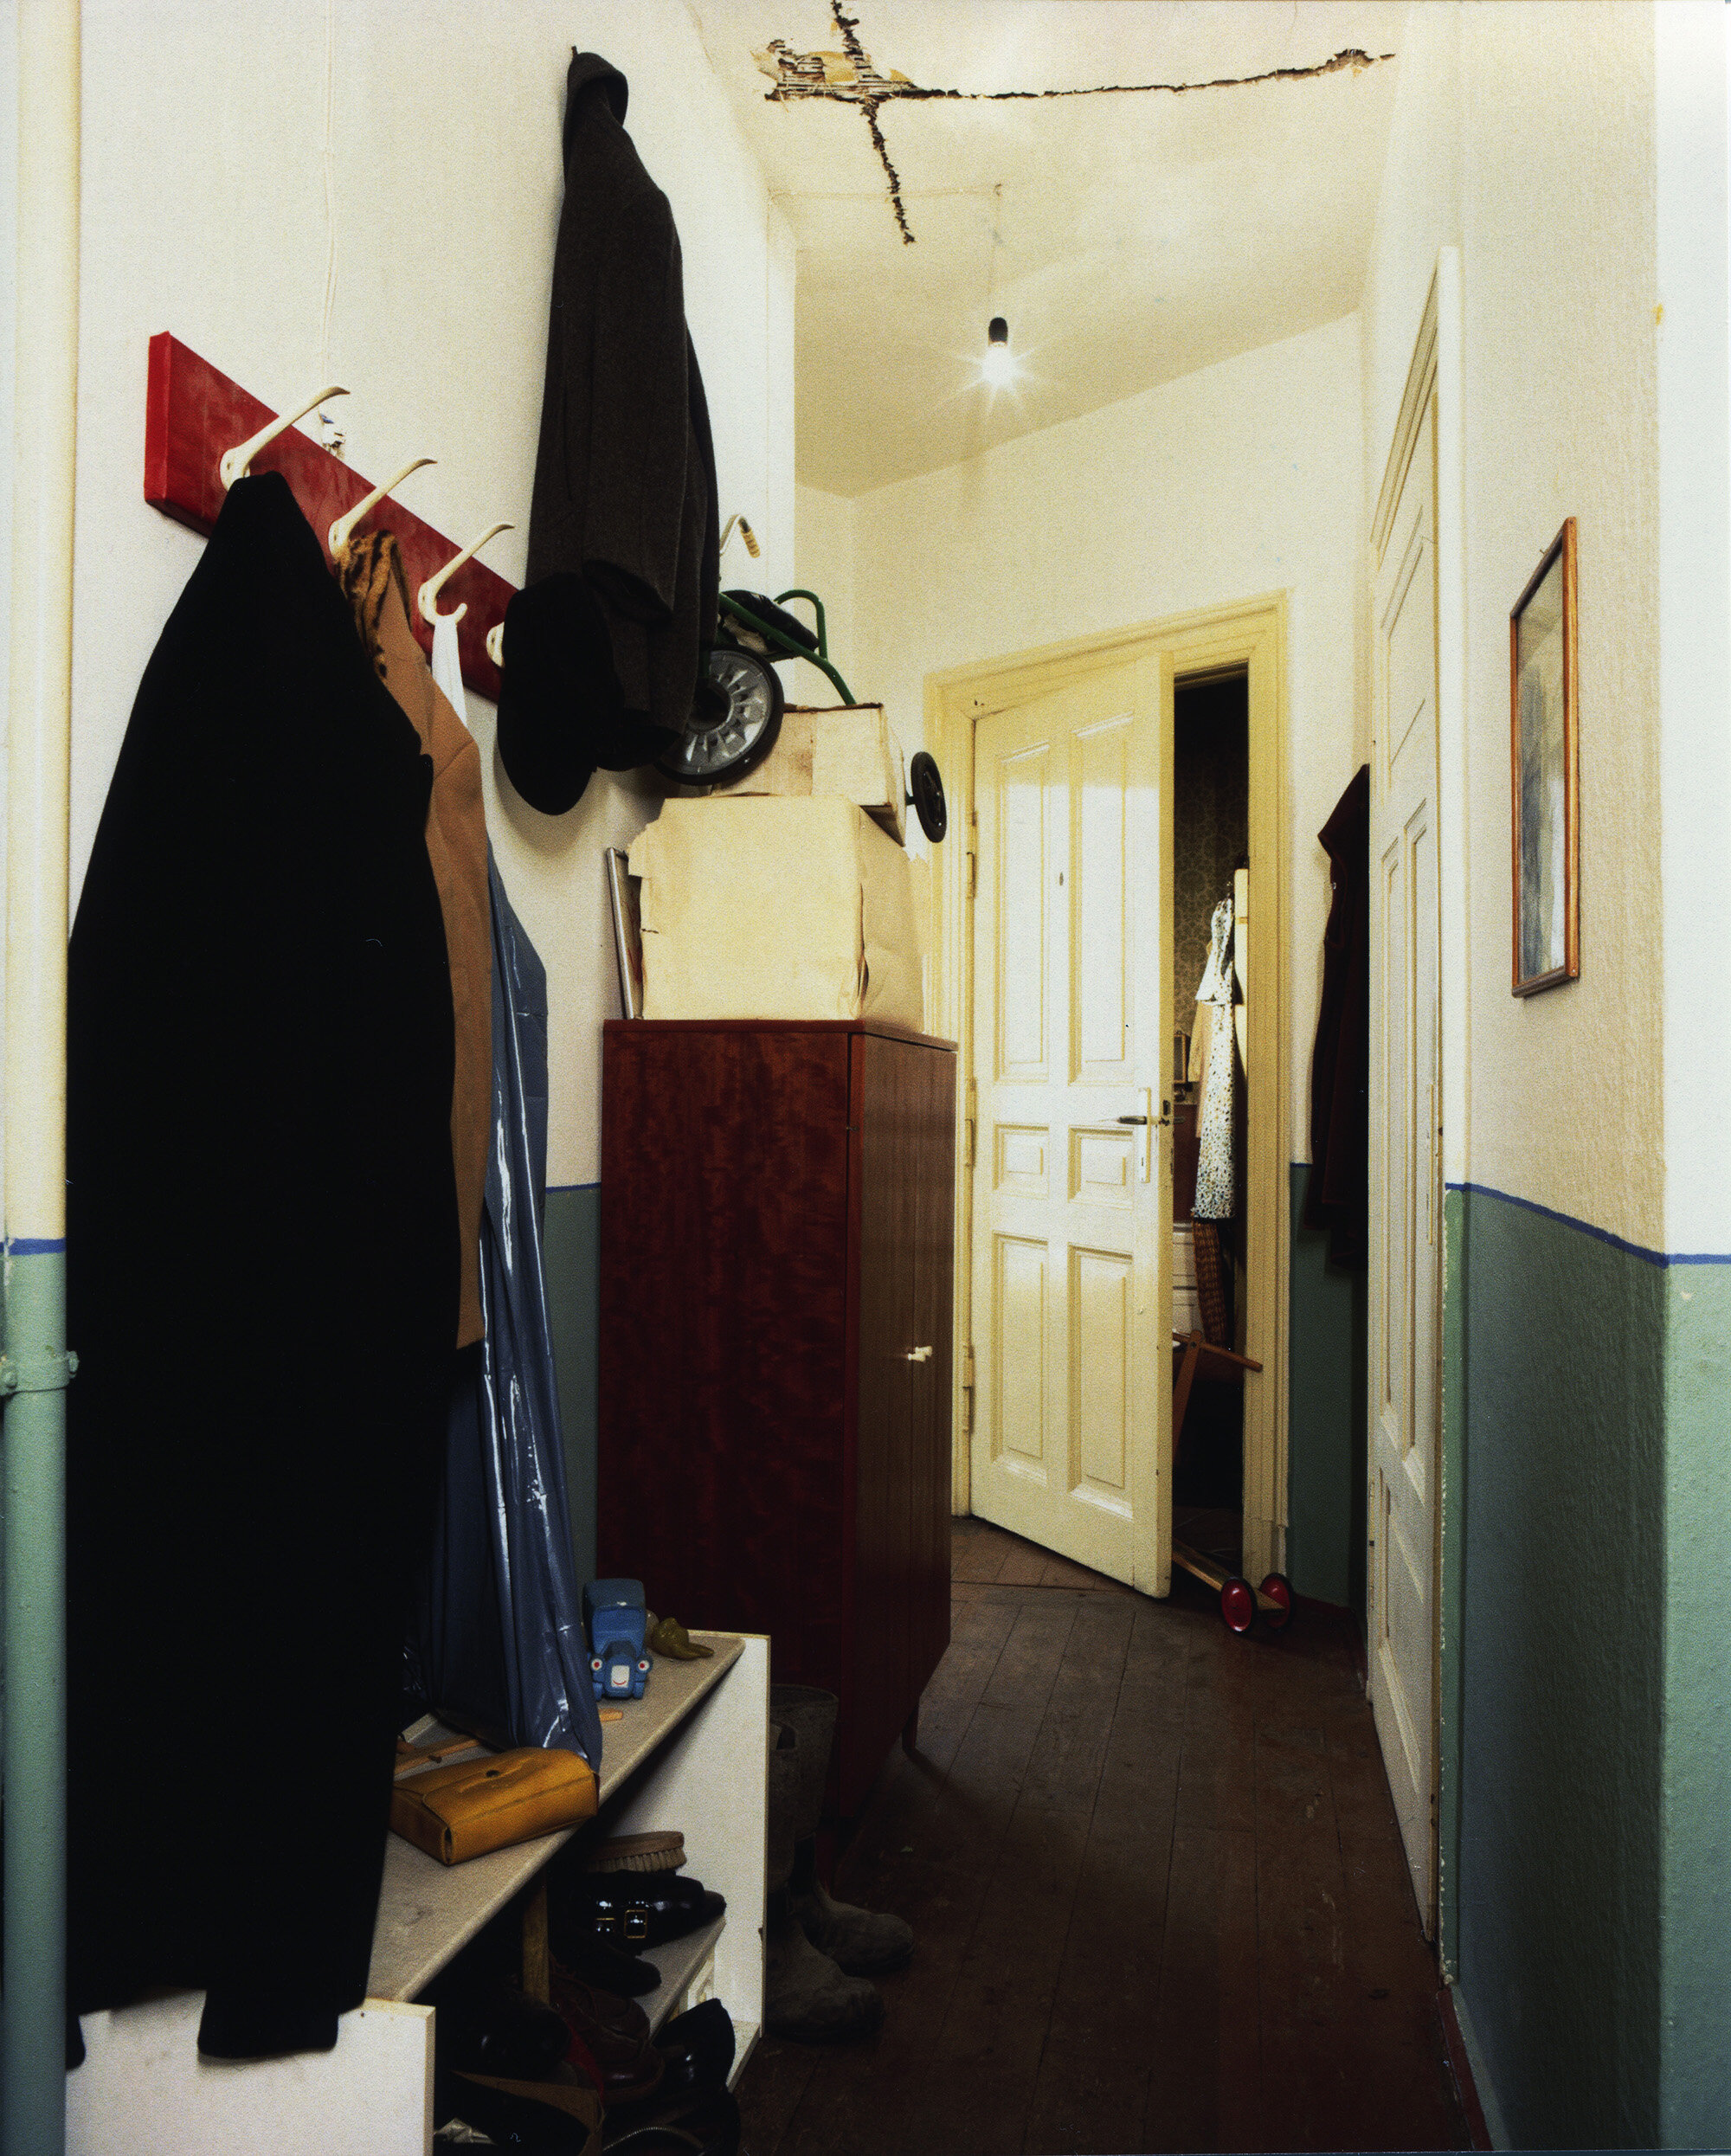 Voices-Behind-the-Door-Galerie-Für-Zeitgenössische-Kunst-Leipzig-Germany-Photo-by- (1).jpg